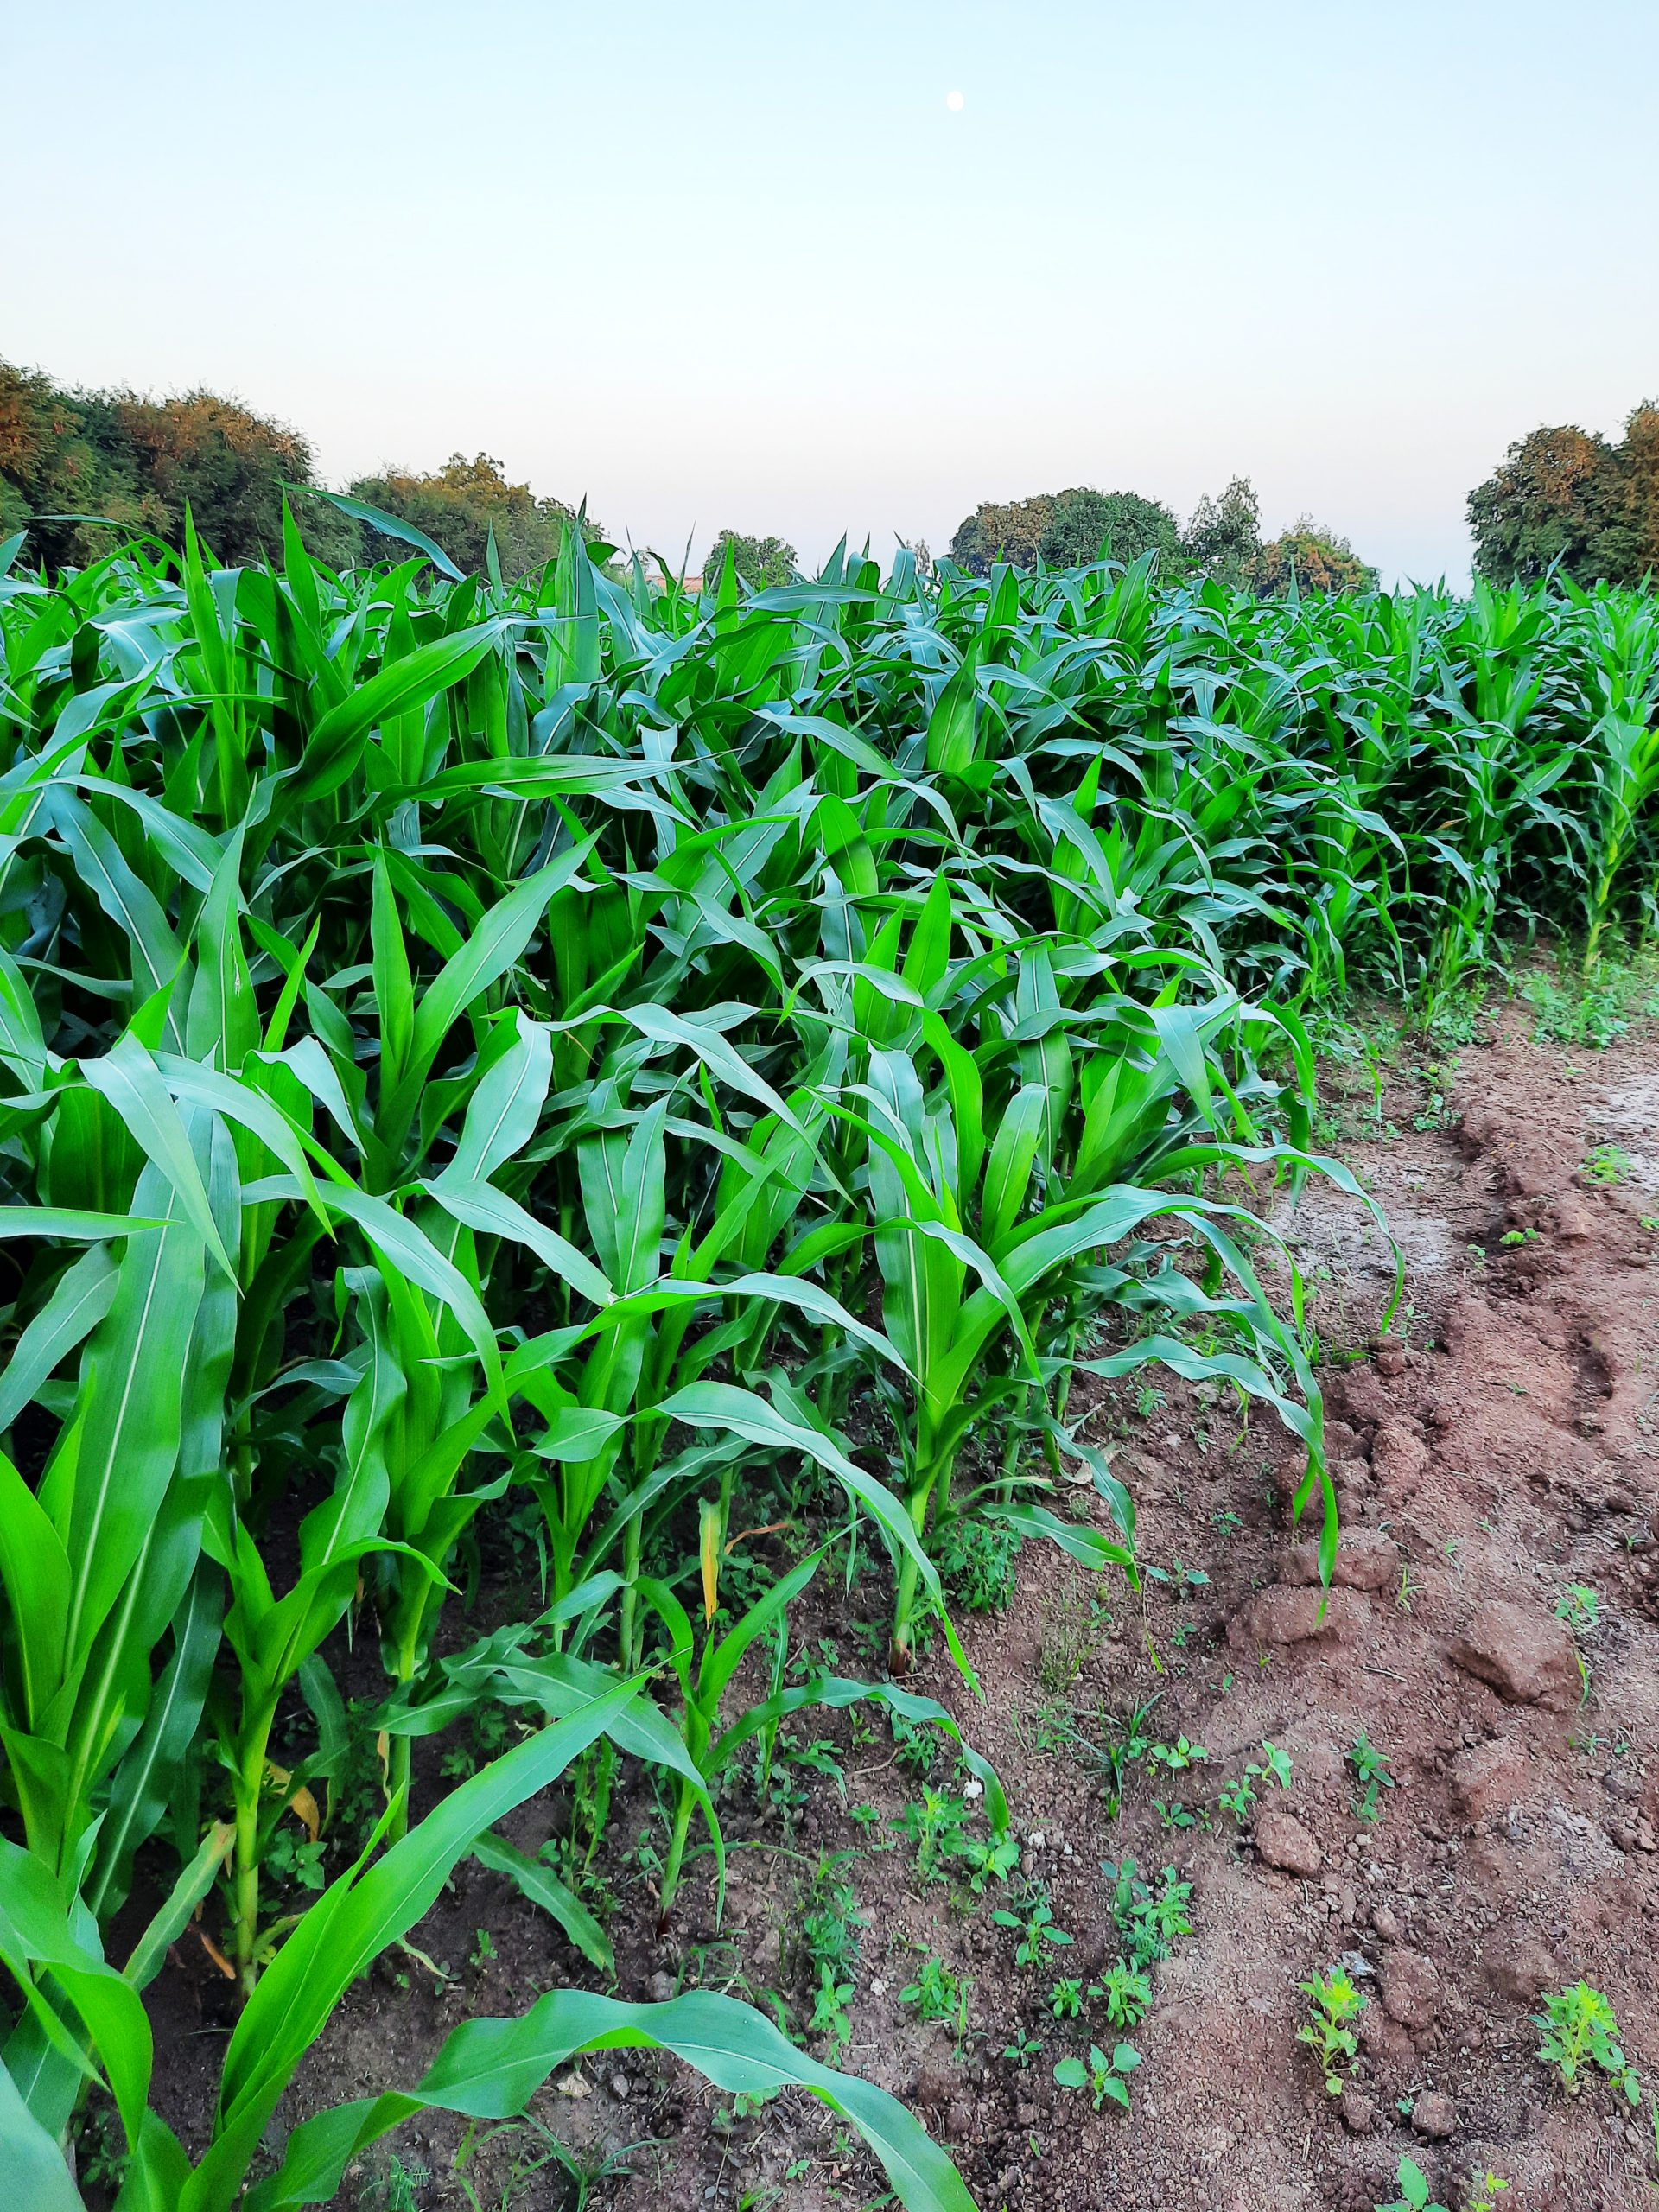 Maize plants in a field